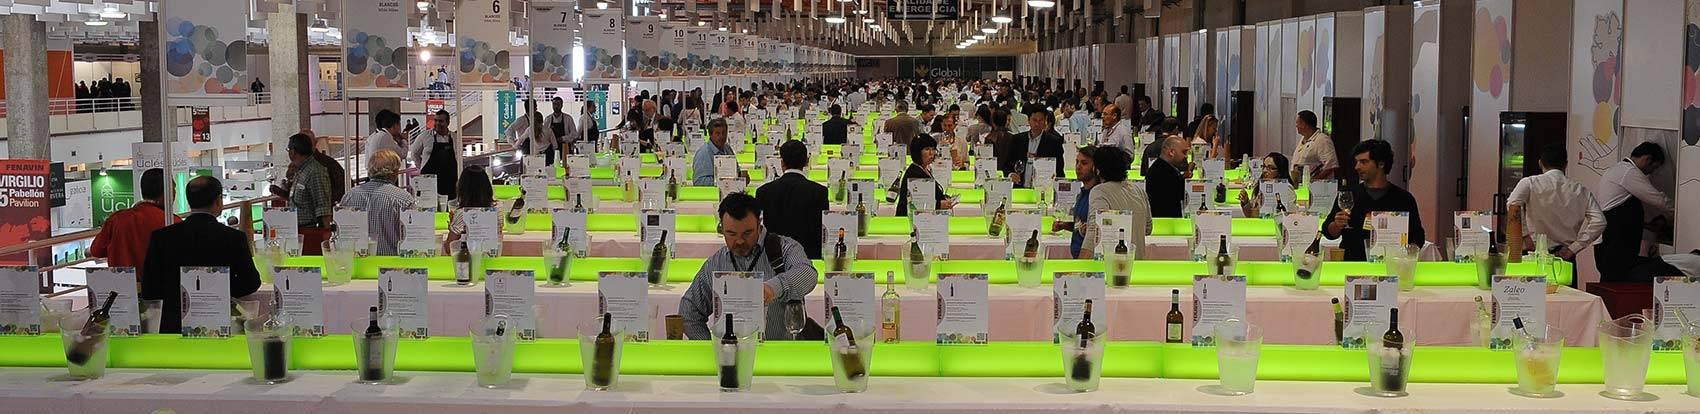 galeria del vino - Víctor Martín y Jaime Carrero estarán presentes en Fenavin.